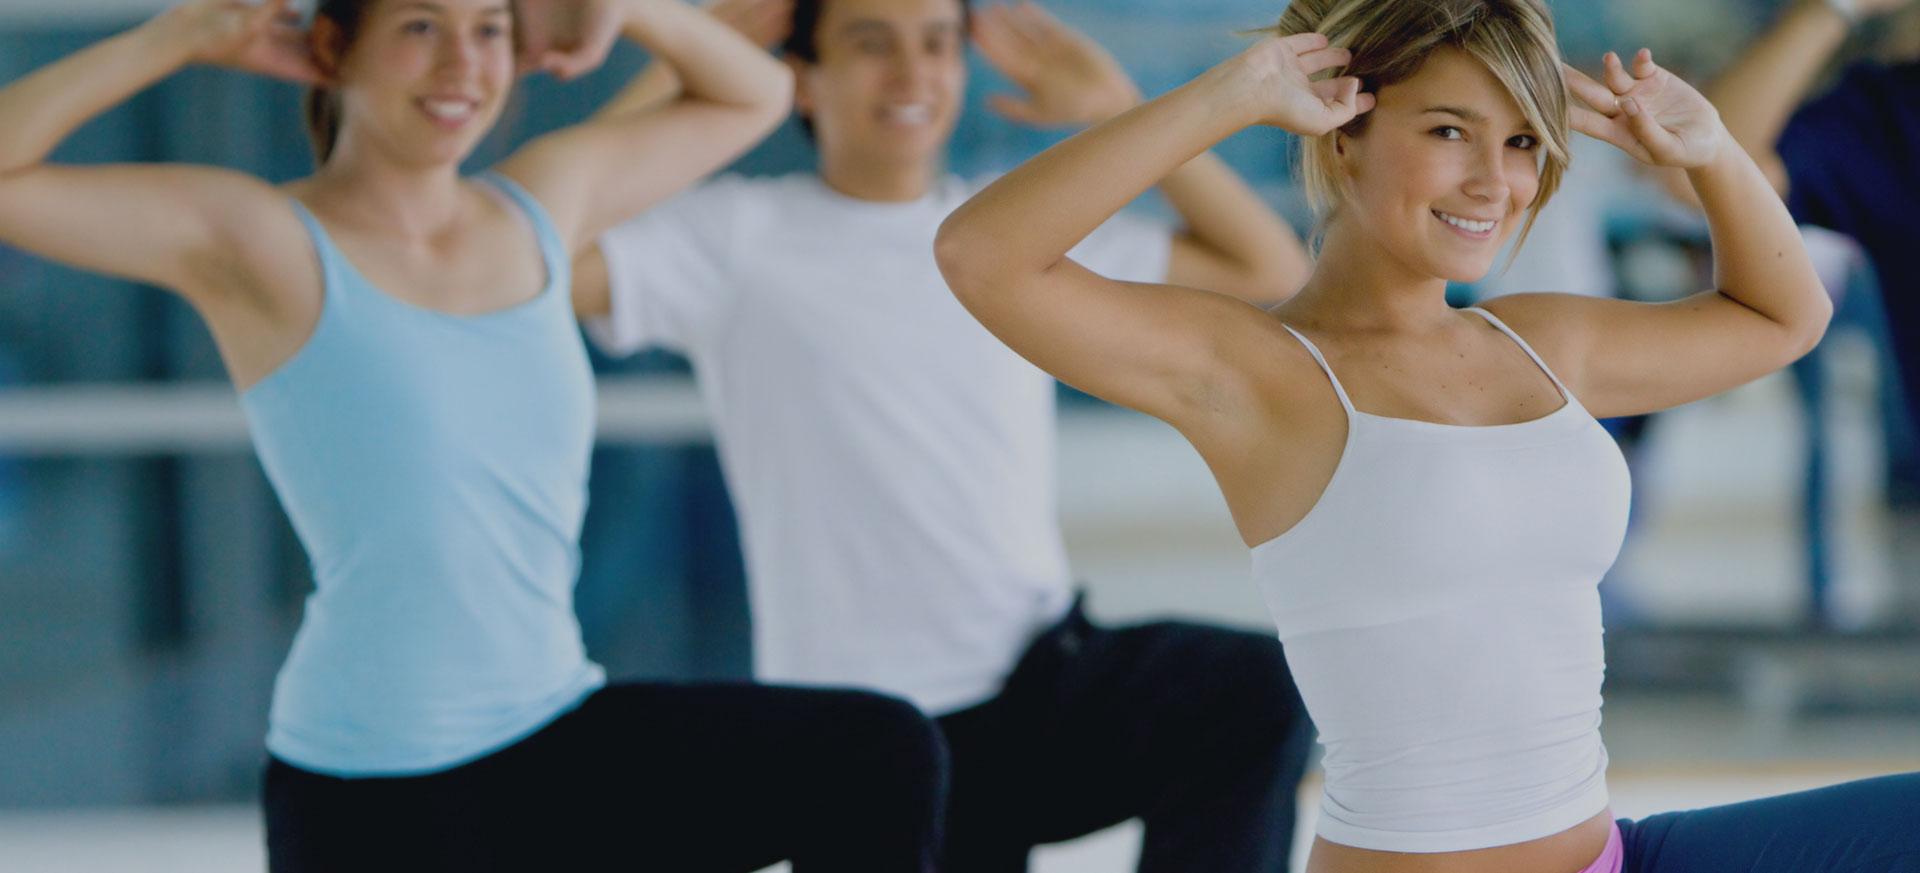 Cardio Dance  Group Classes  Nautilus Plus